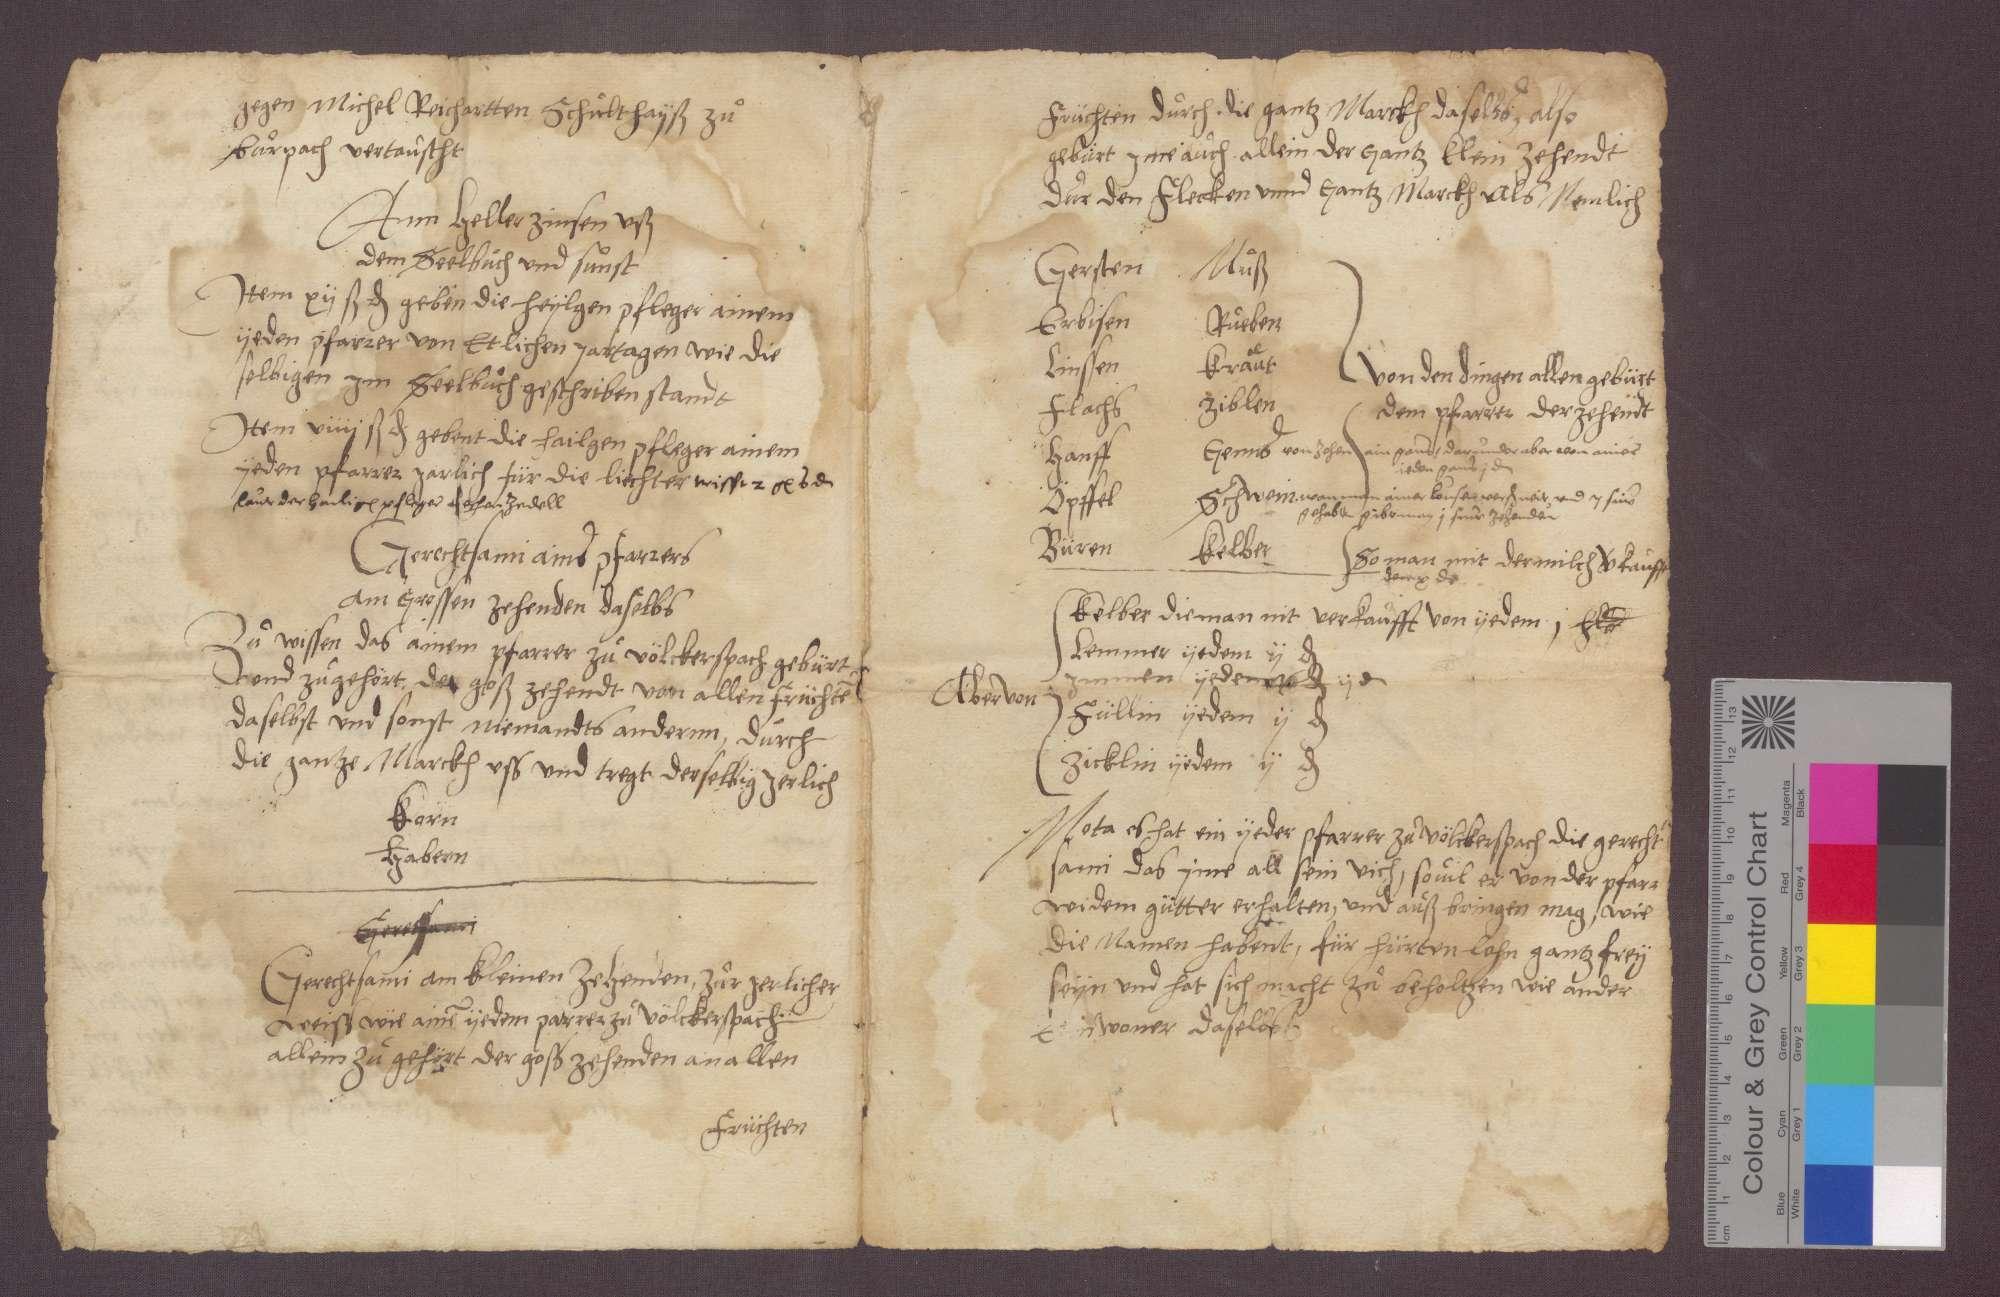 Kompetenz der Pfarrei zu Völkersbach, aufgestellt von Leonhard Lölar von Pfullendorf am Bodensee, derzeit Pfarrer zu Völkersbach (Fragment)., Bild 3